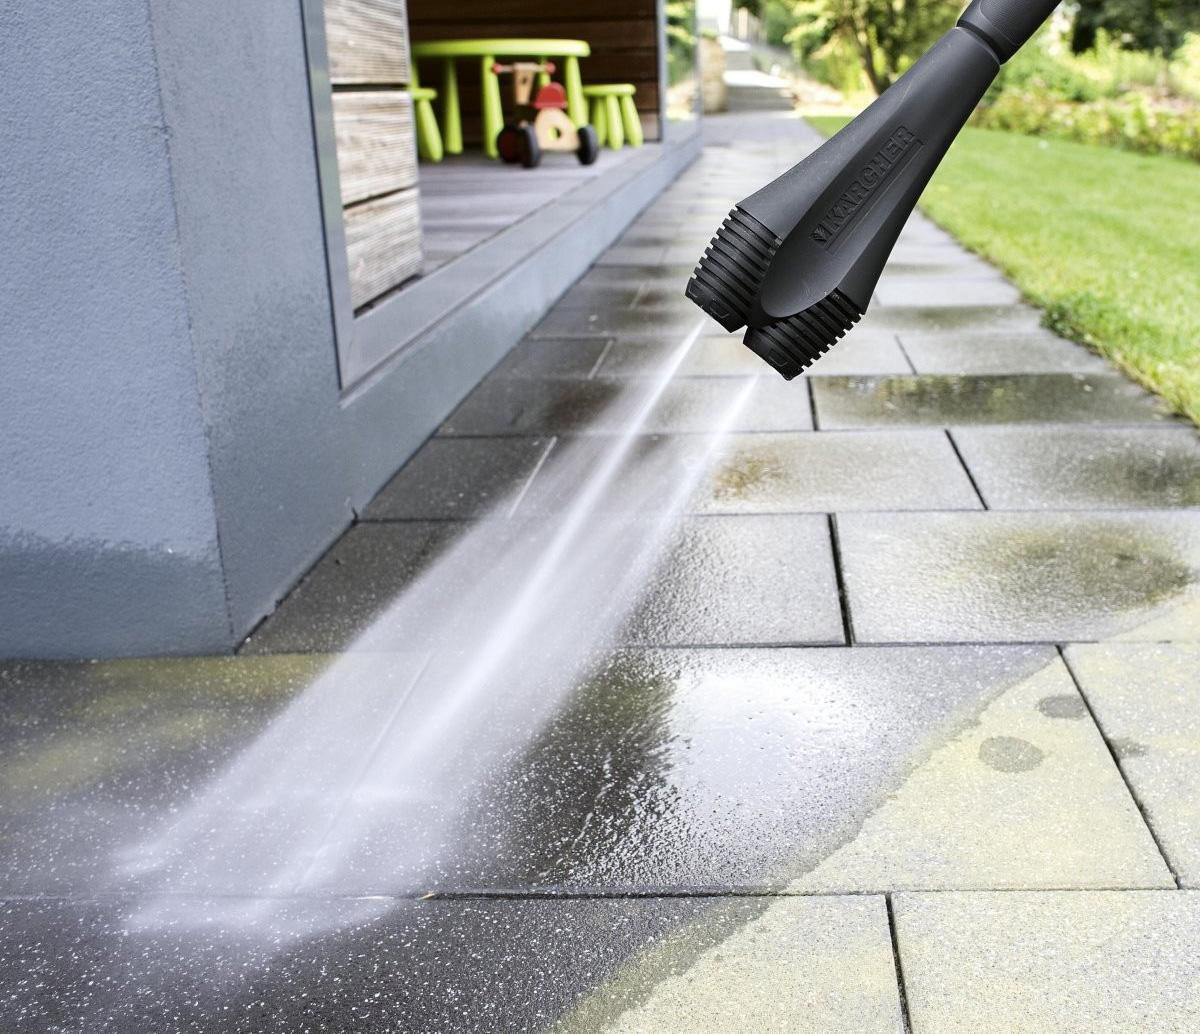 Anti Mousse Terrasse Beton entreprise de nettoyage de terrasse 59 nord tél: 03.59.28.30.79